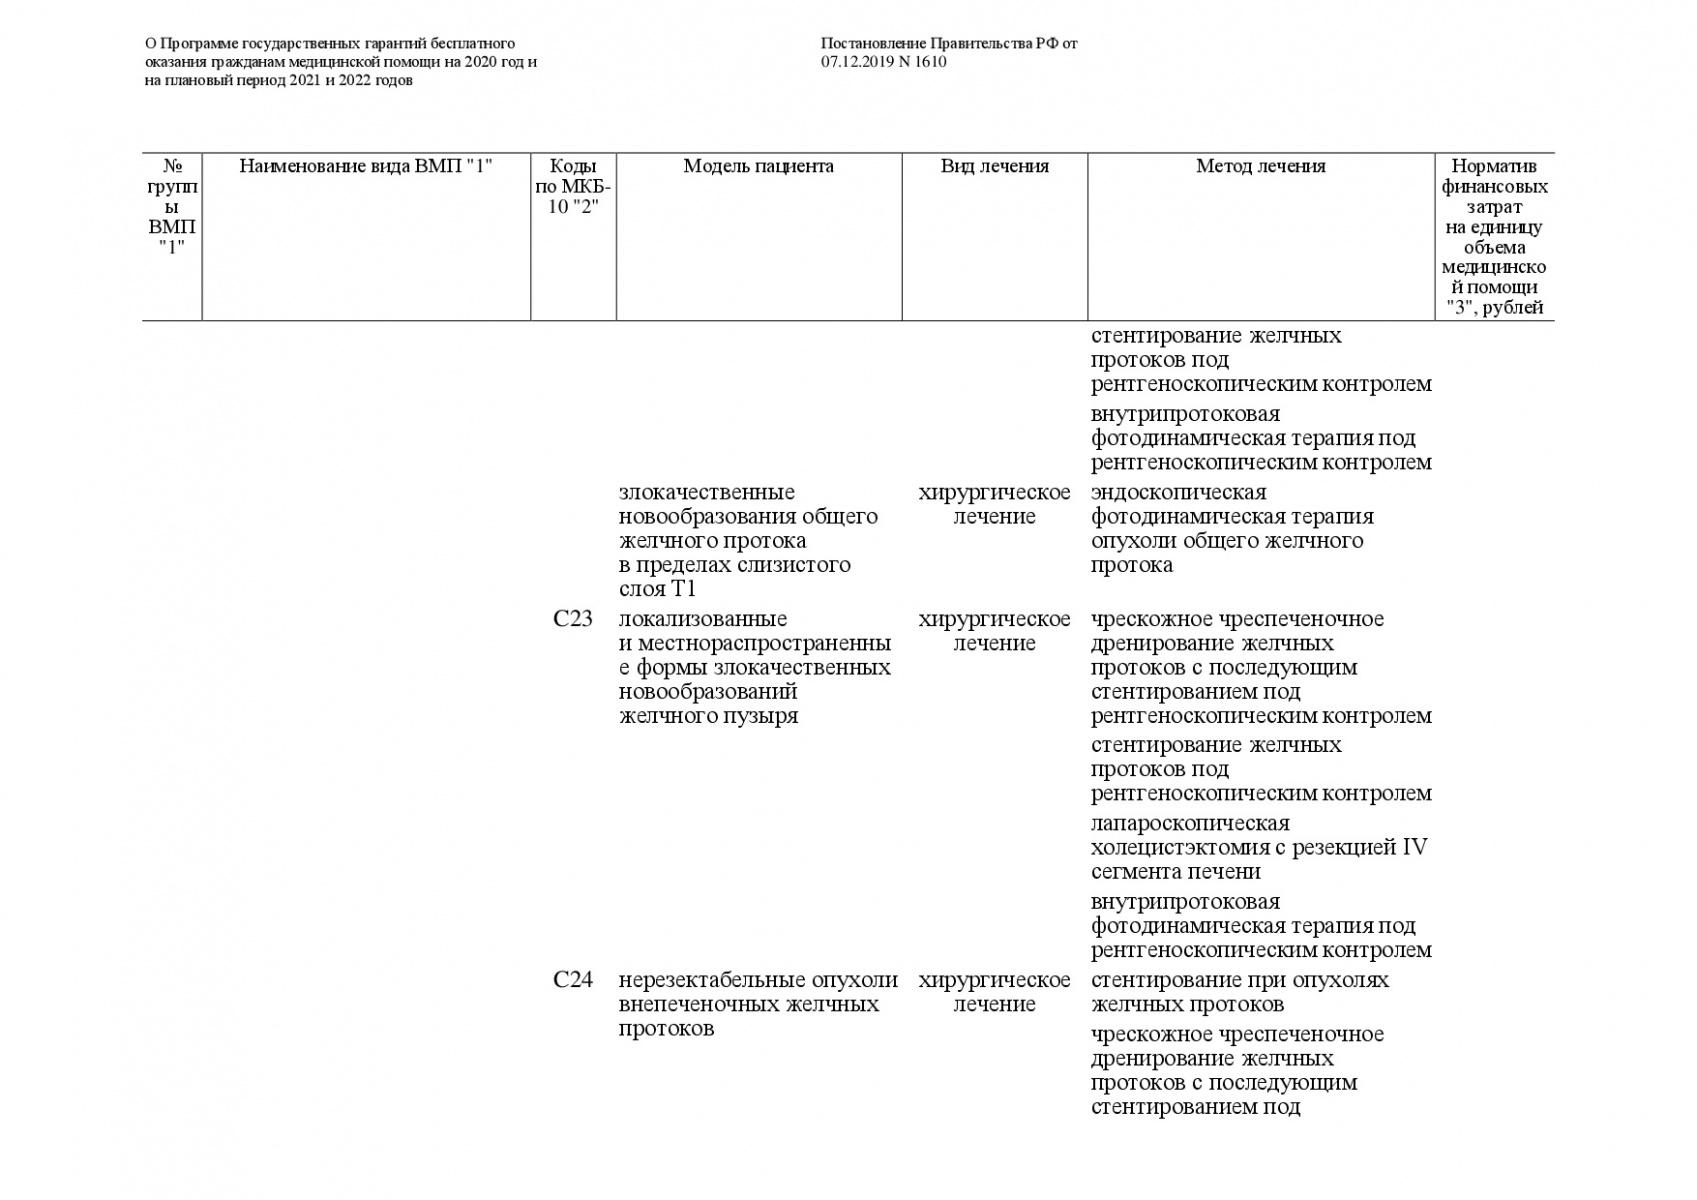 Postanovlenie-Pravitelstva-RF-ot-07_12_2019-1610-O-PGG-065